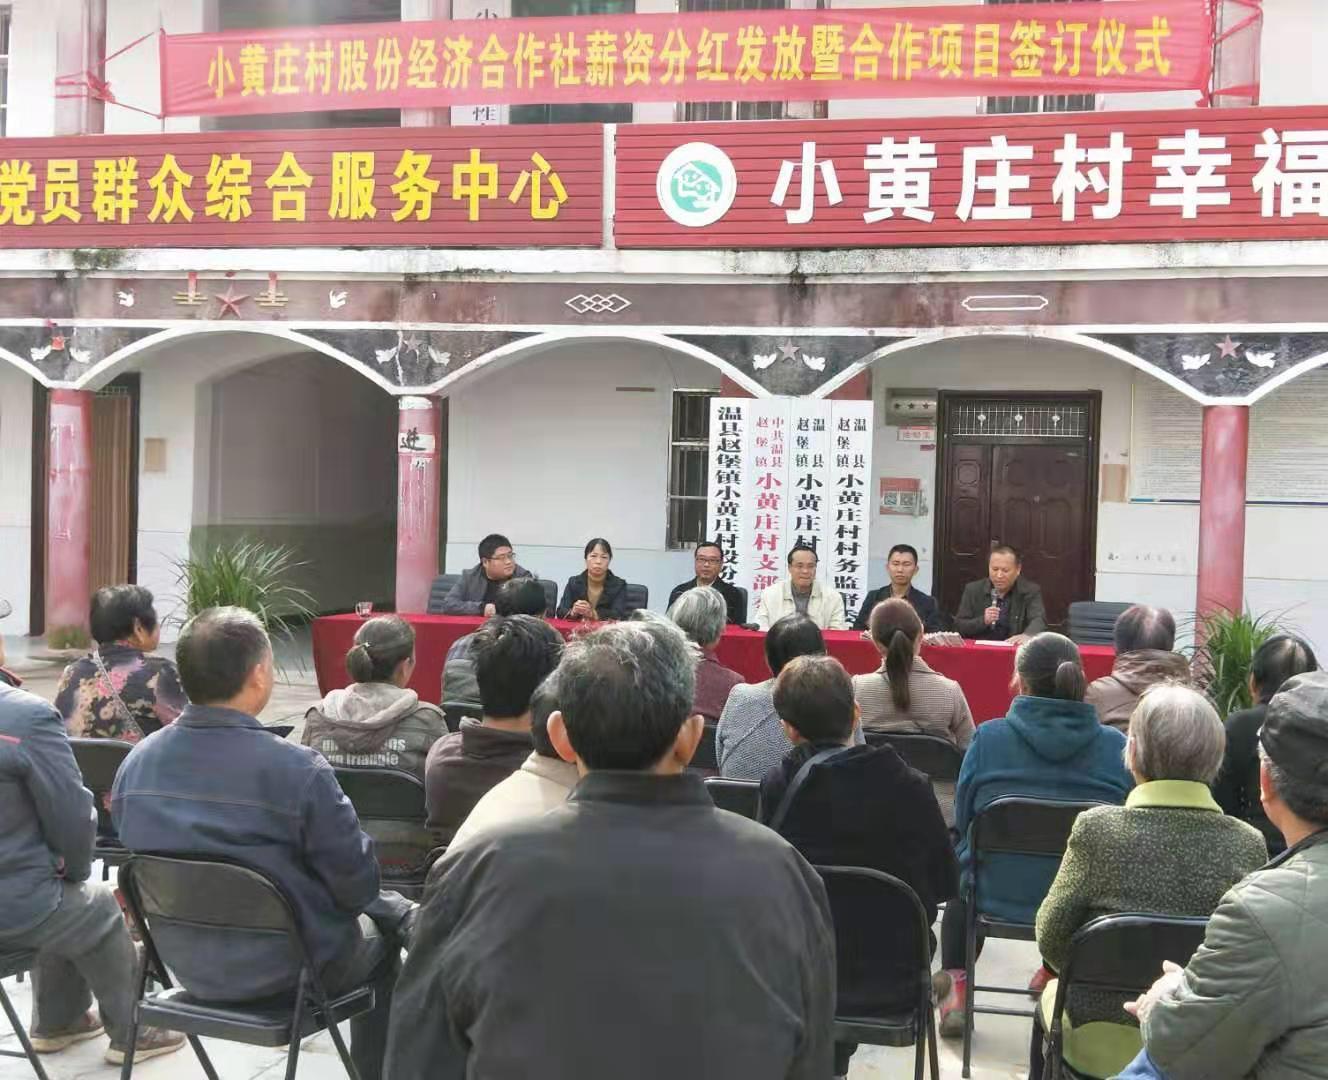 小黄庄村位于河南省温县赵堡镇